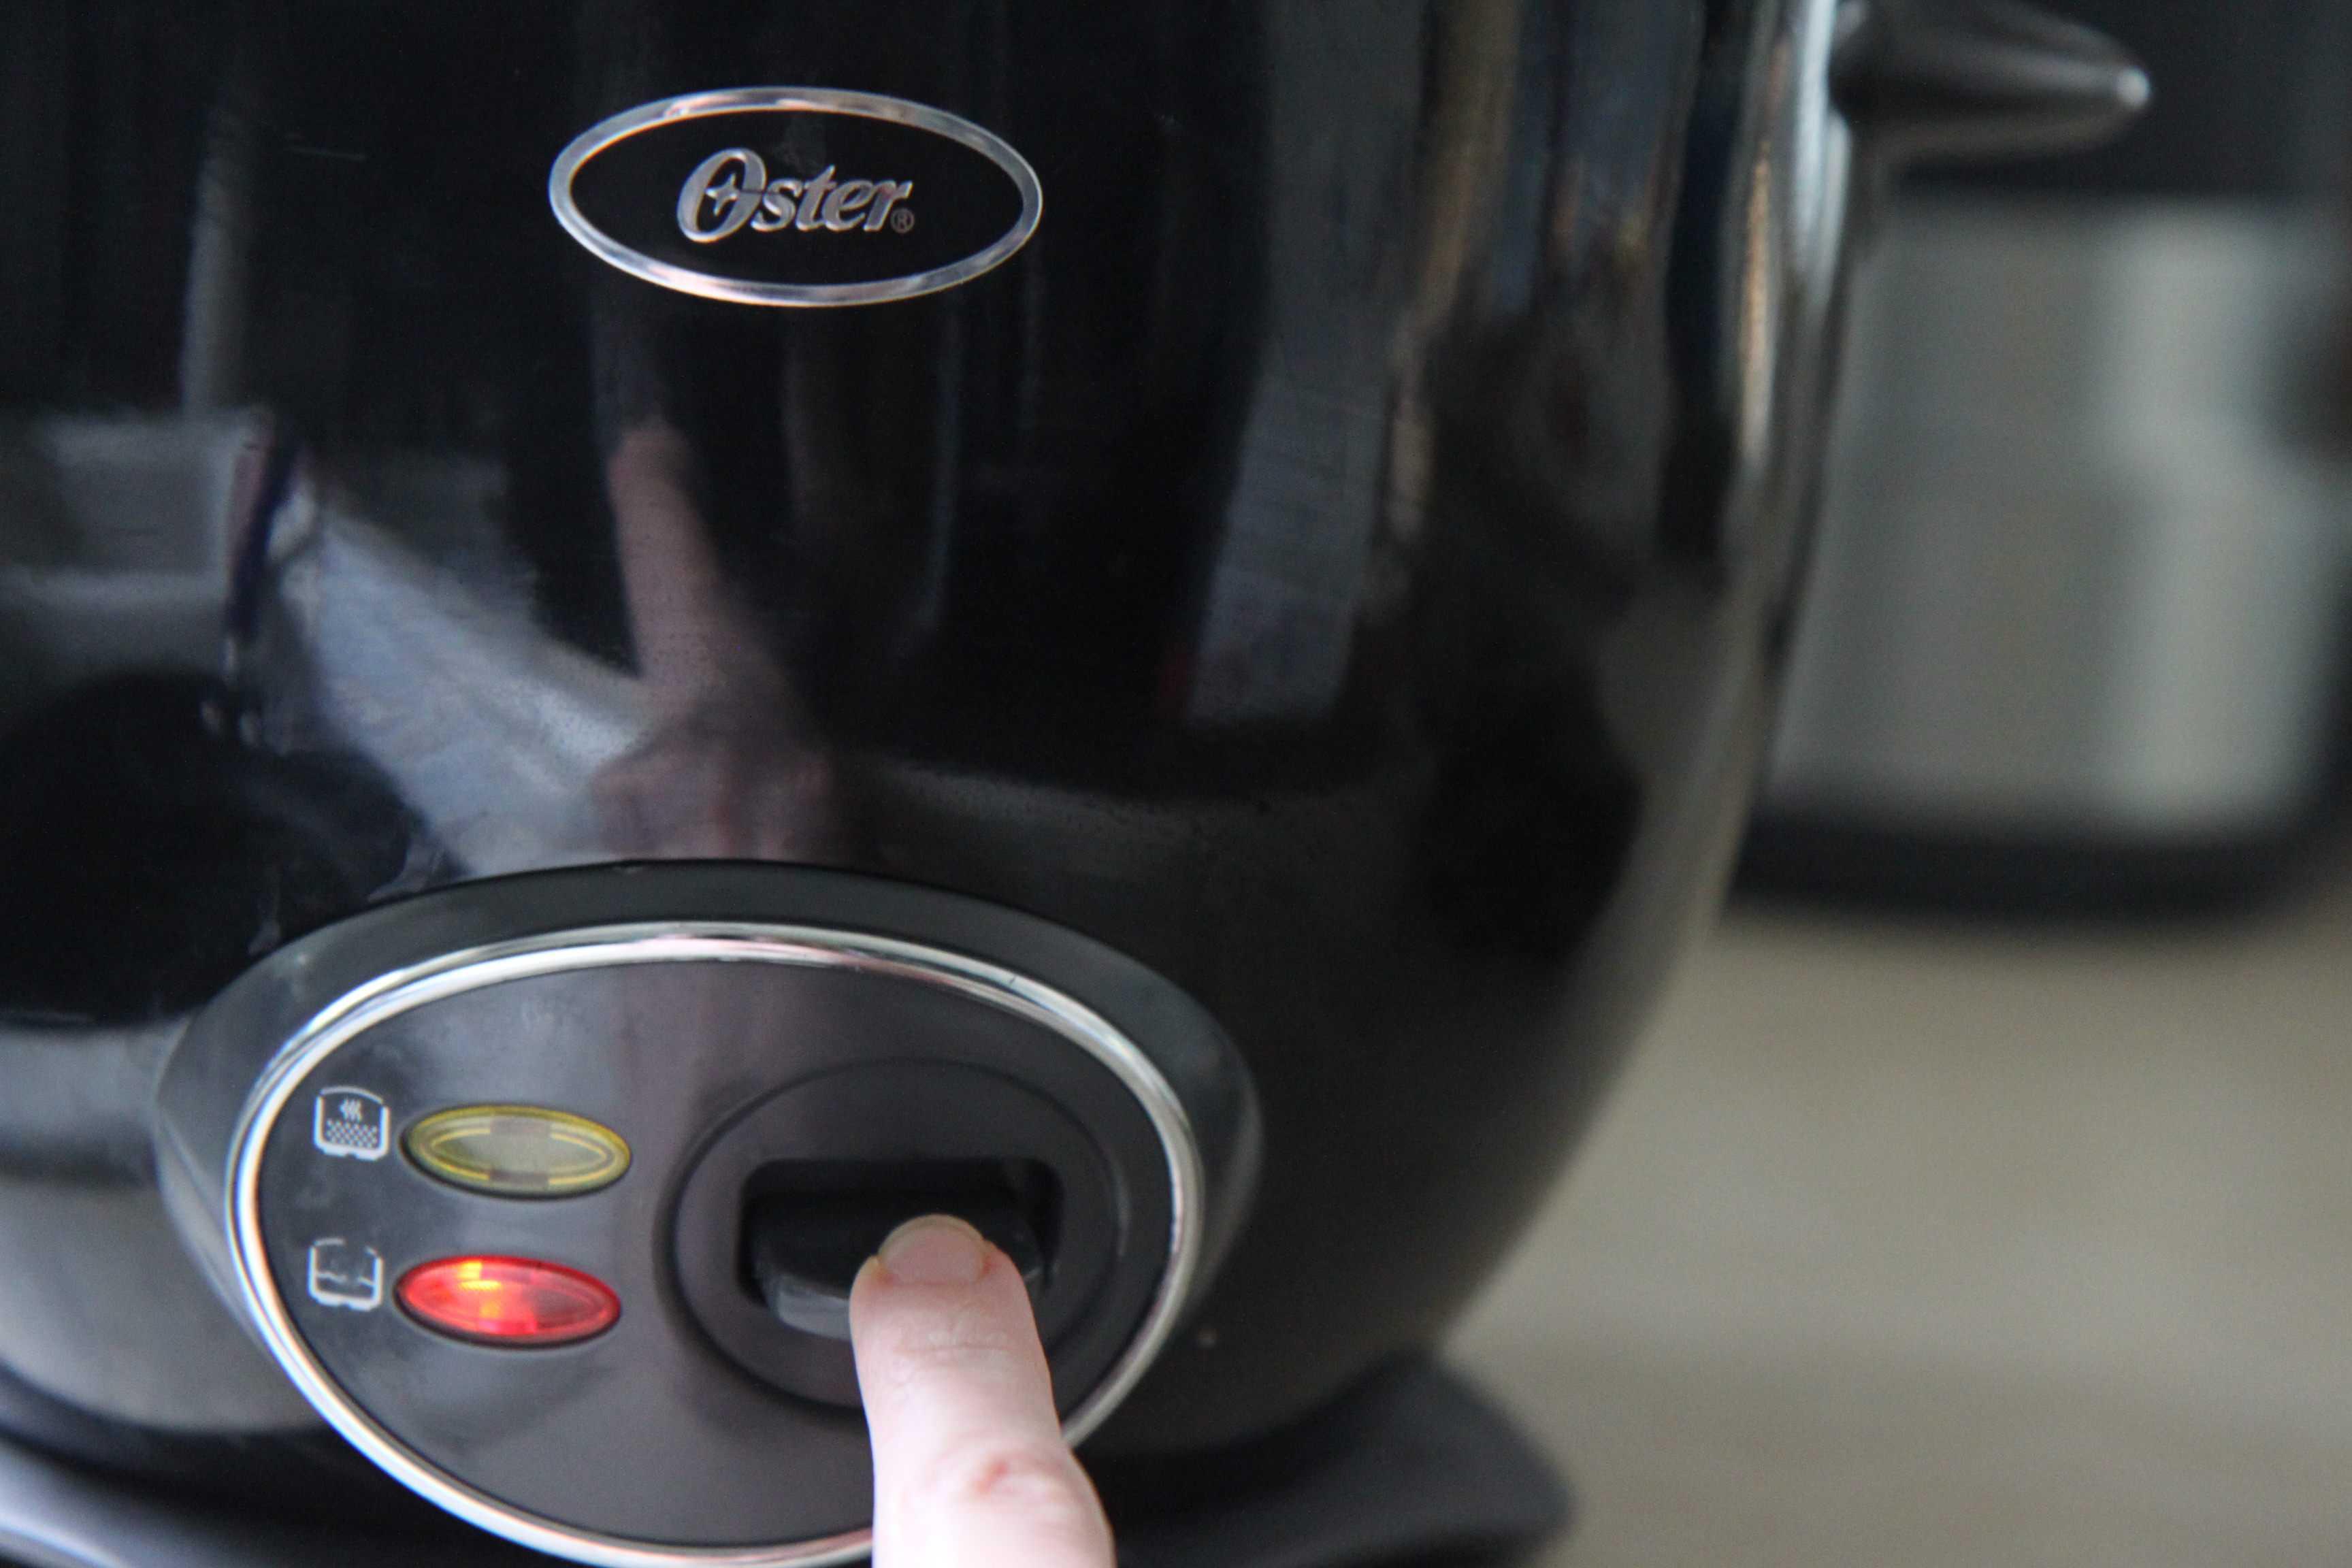 Cho dầu ăn và bơ vào nồi và chuyển sang chế độ Cook.